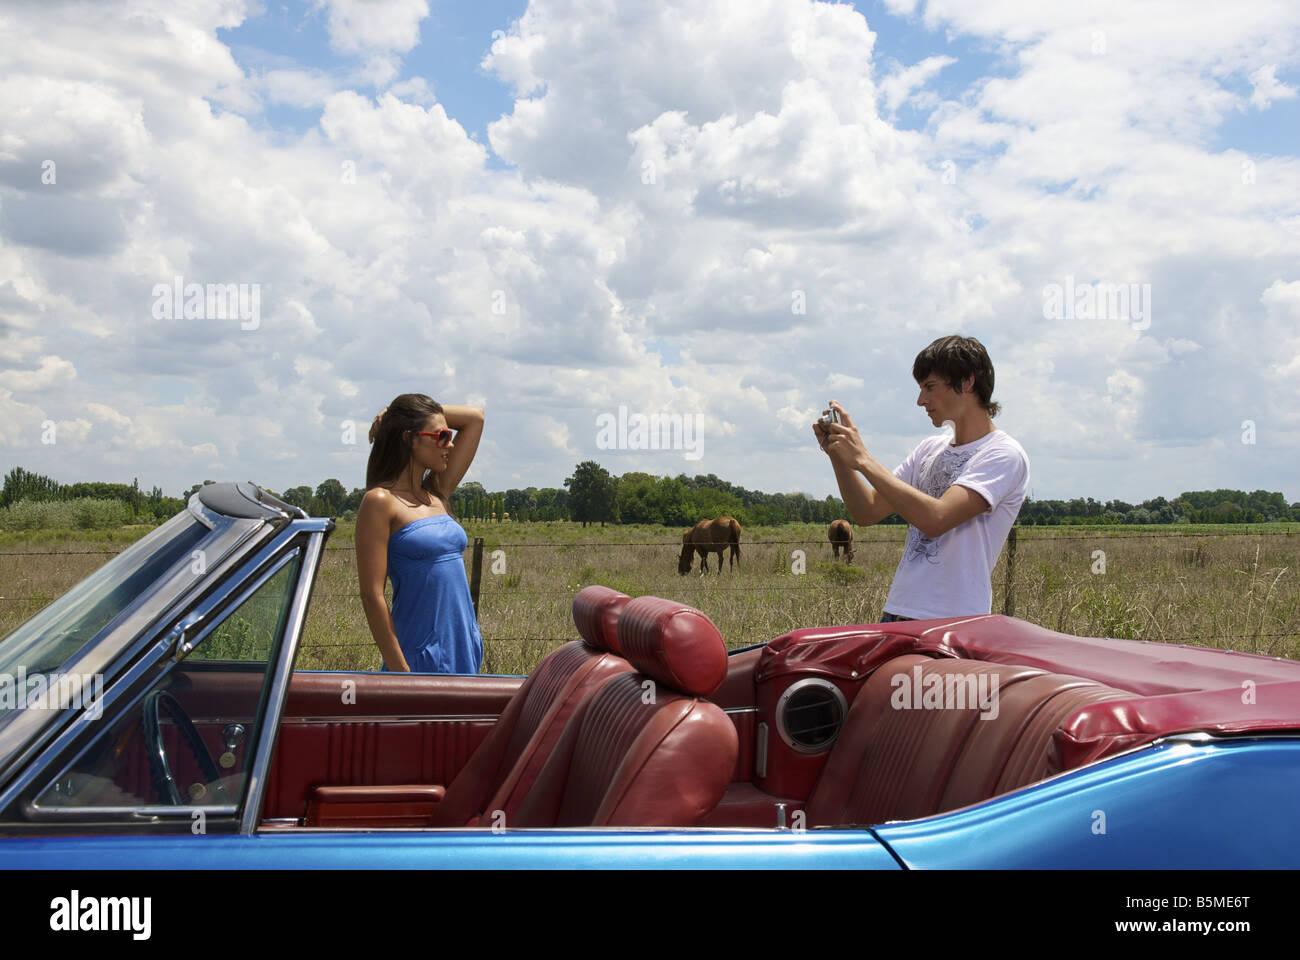 Una joven pareja toma de fotografías Imagen De Stock